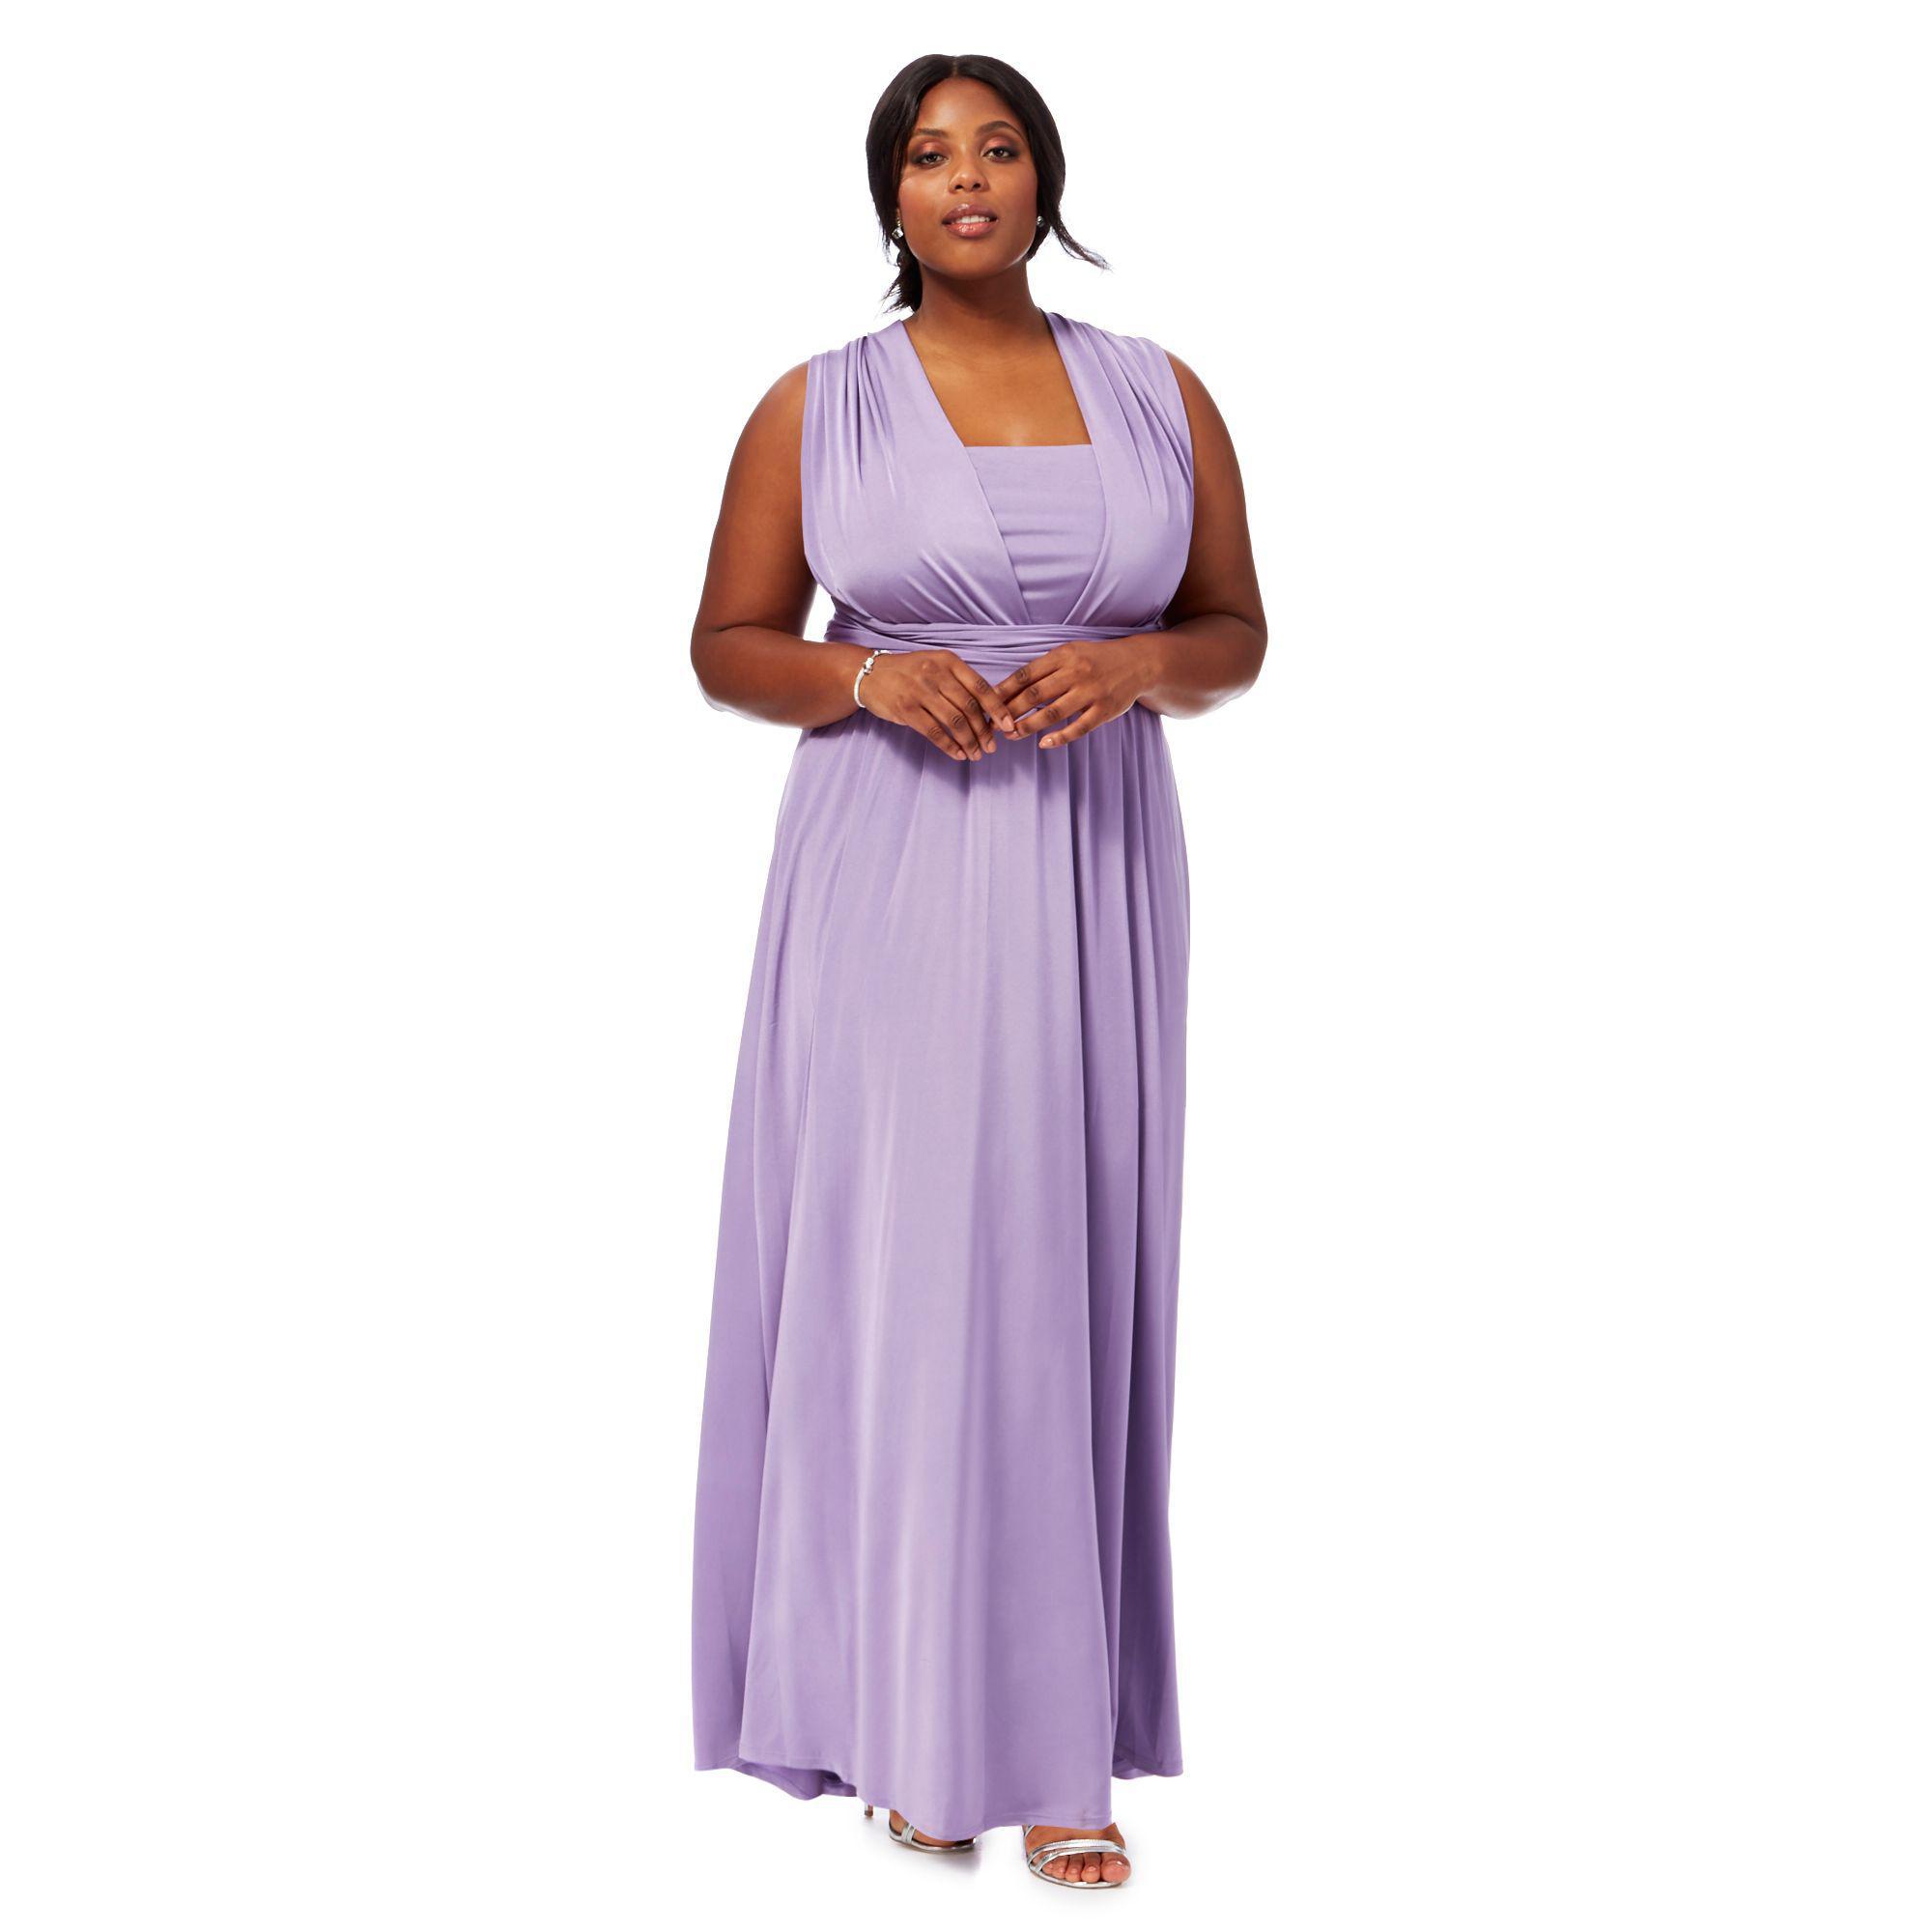 9f613a4c183 Purple Plus Size Evening Dresses - raveitsafe